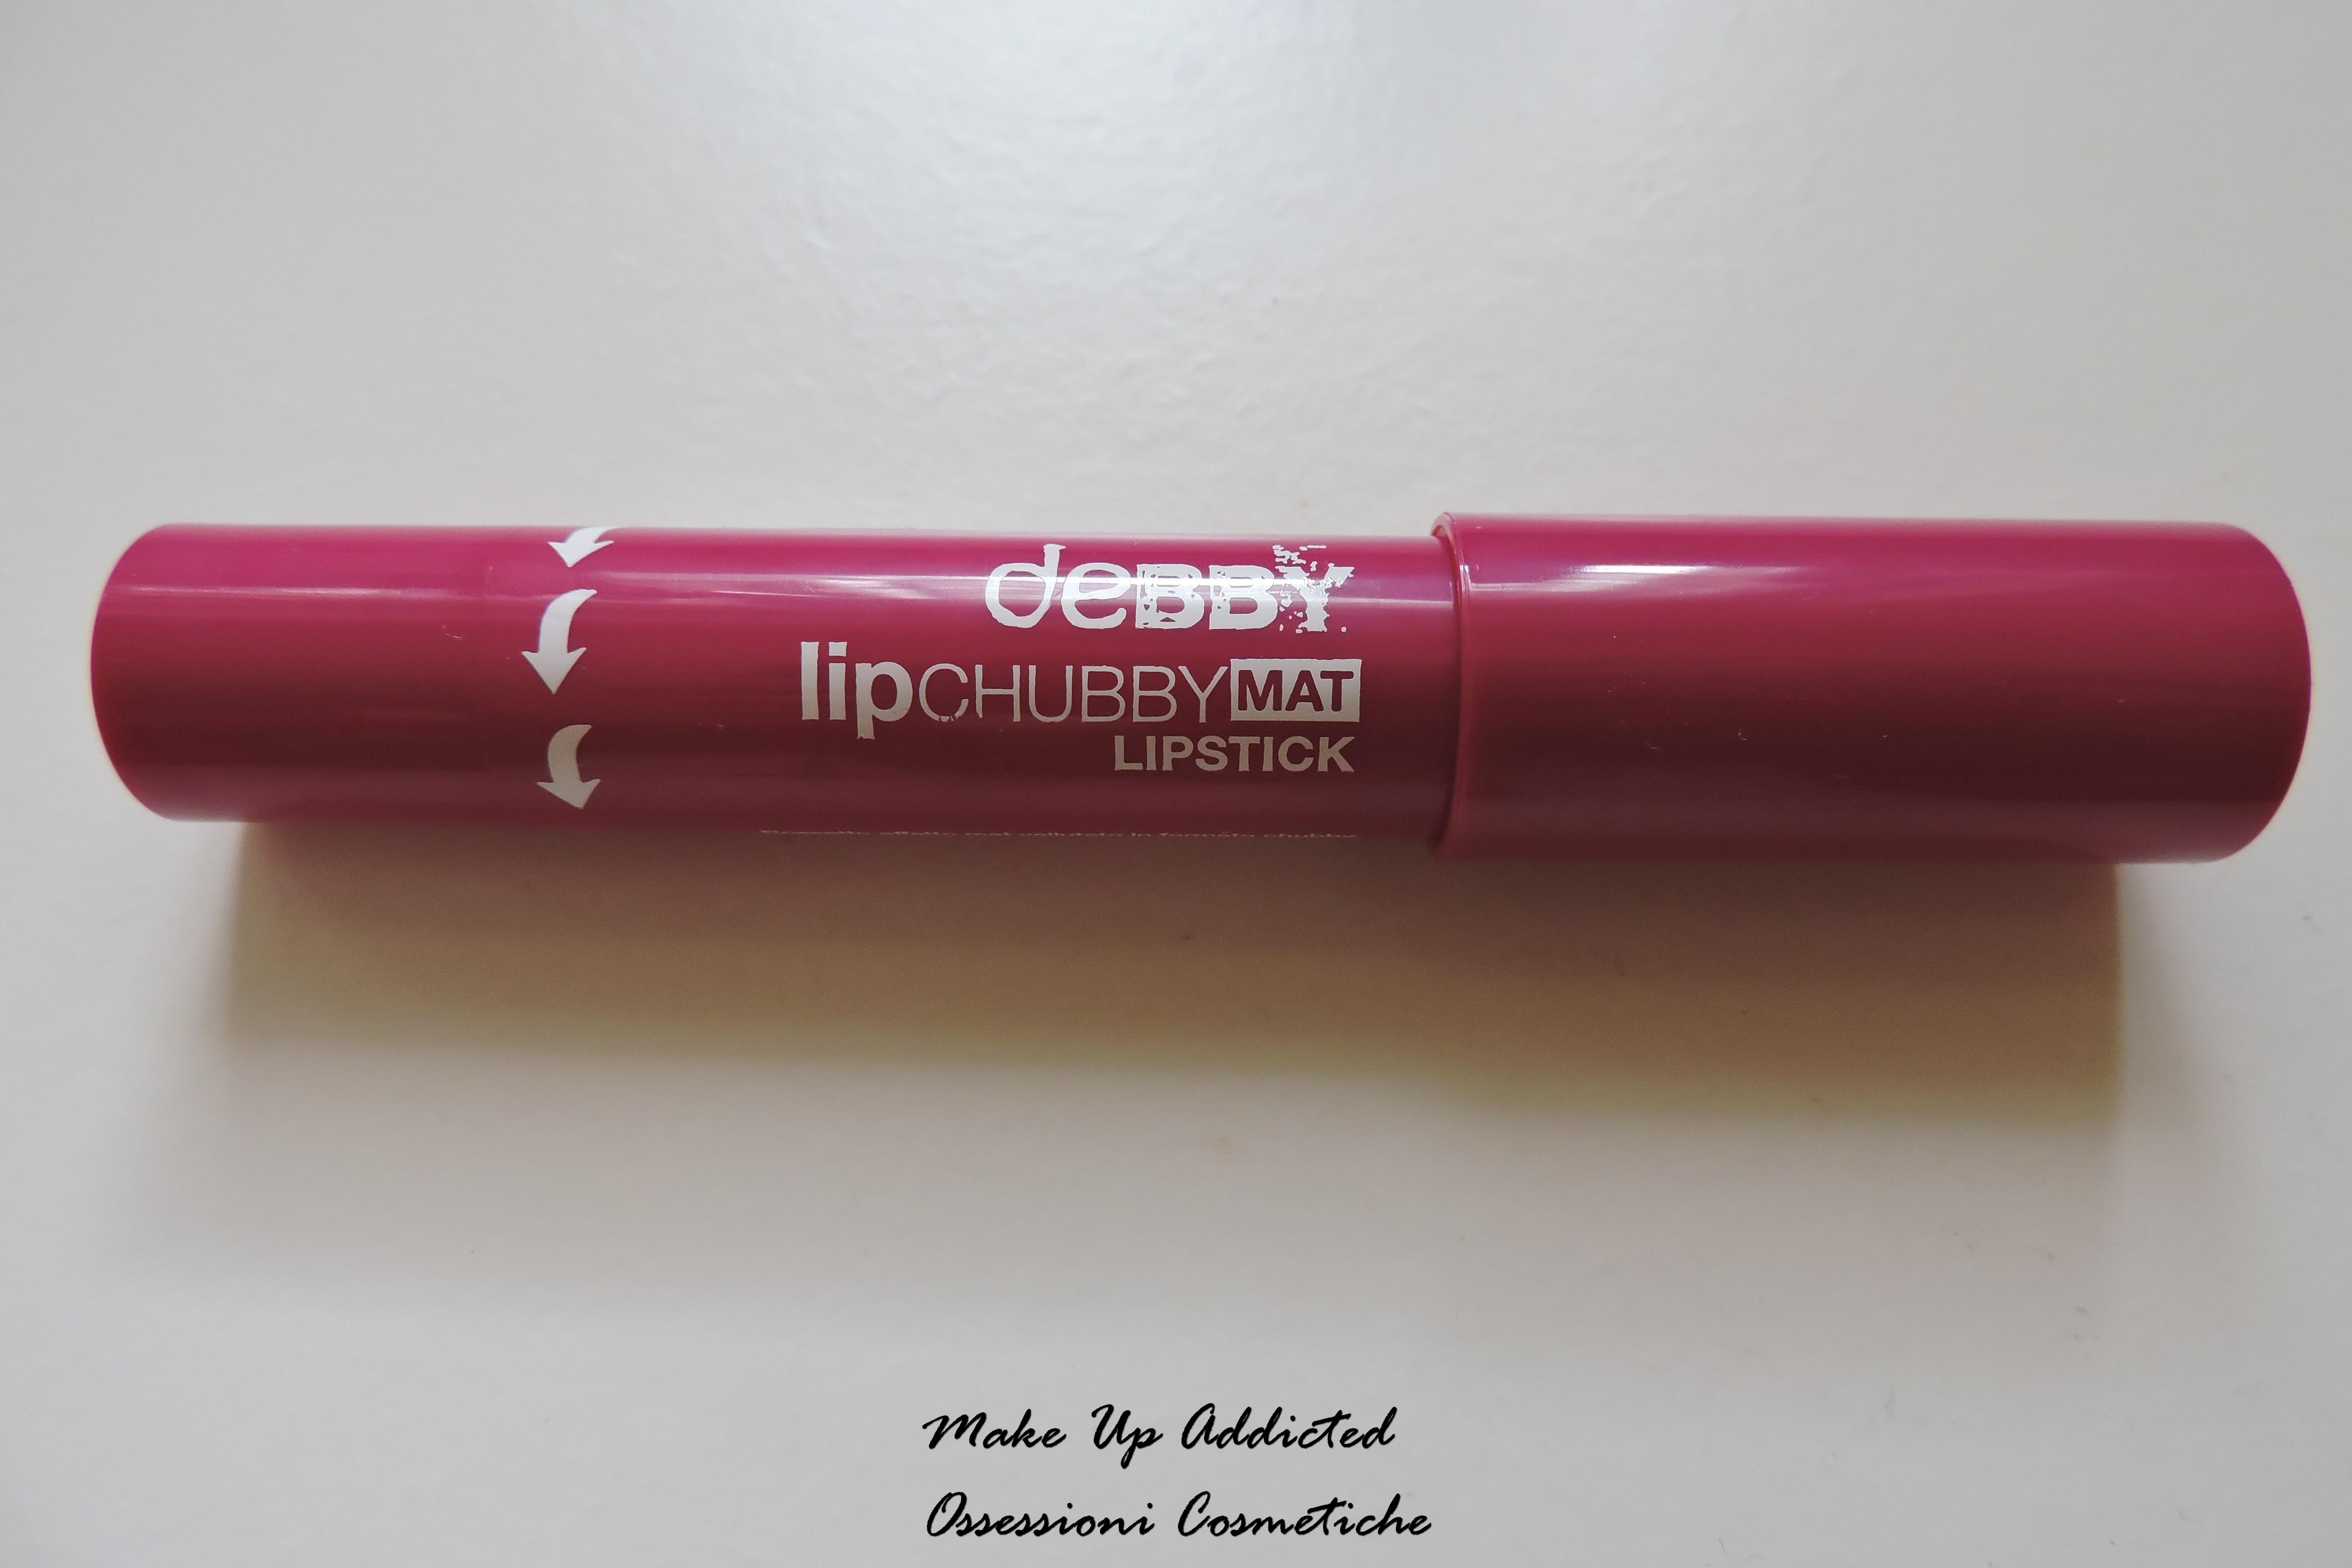 lip chubby mat